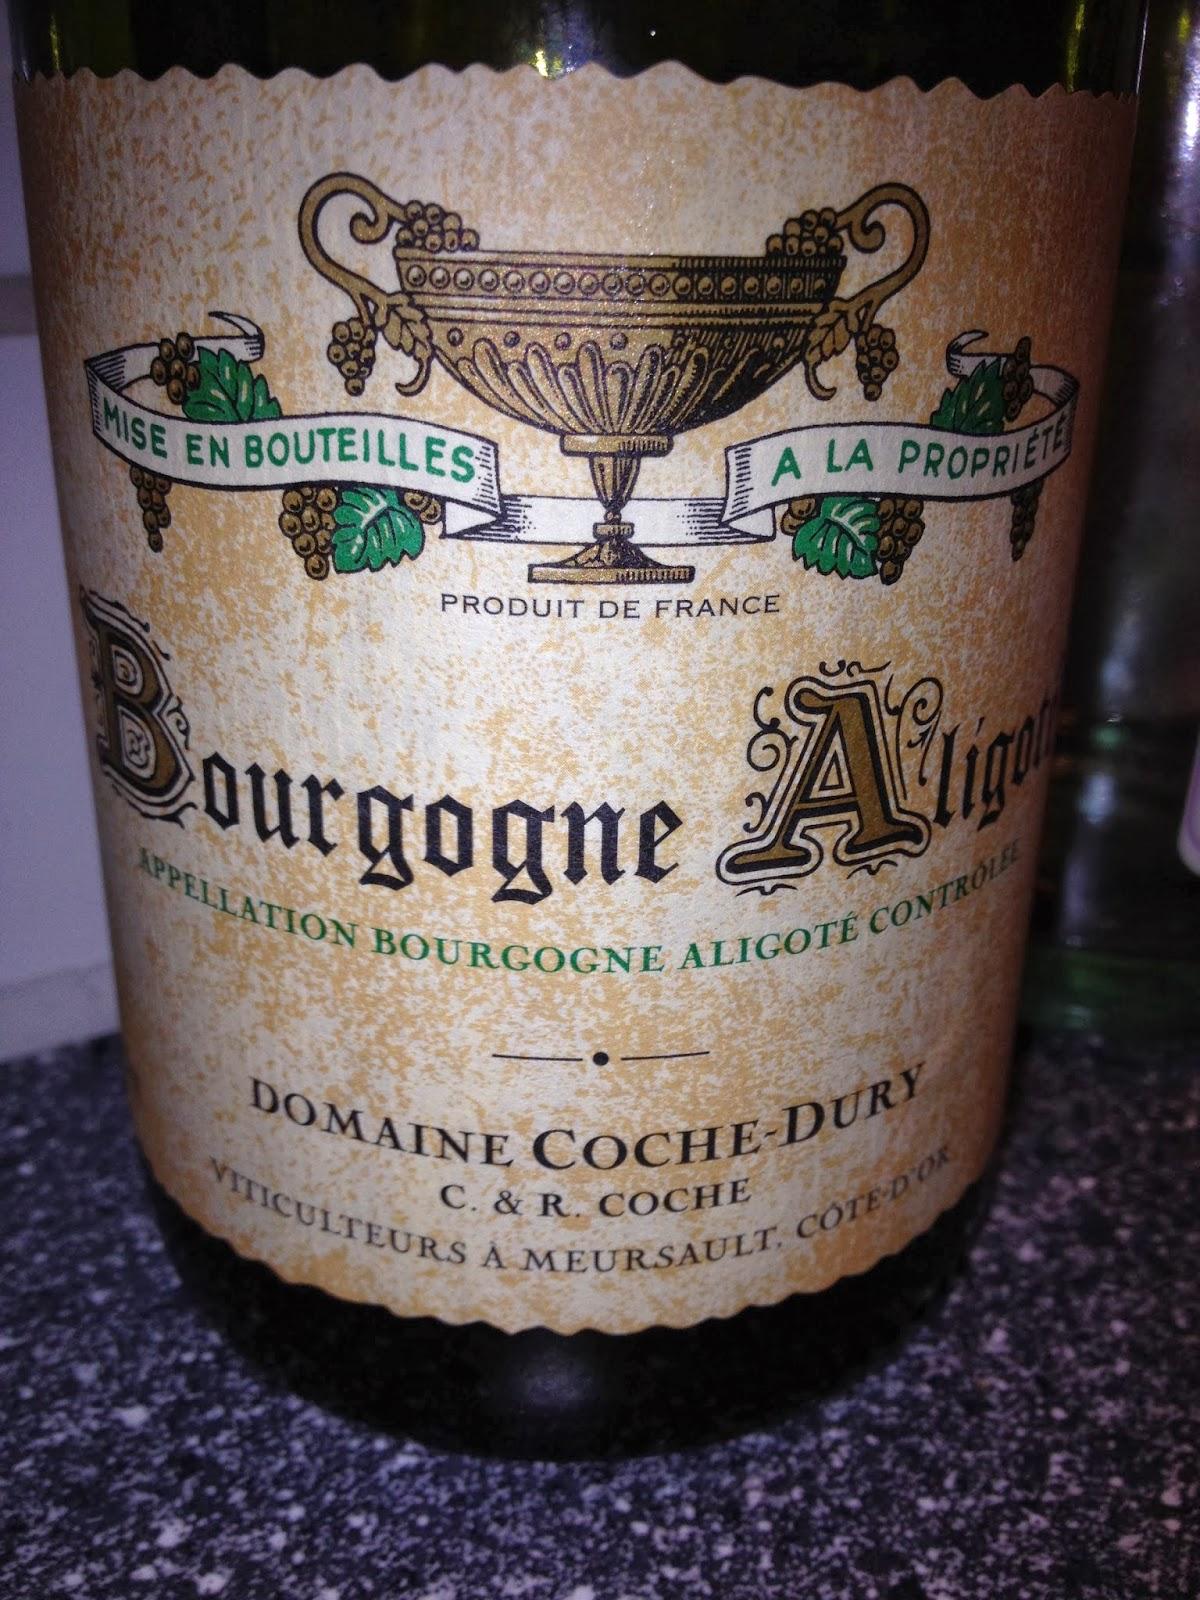 科奇勃艮第阿里哥特干白J.-F Coche-Dury Bourgogne Aligote